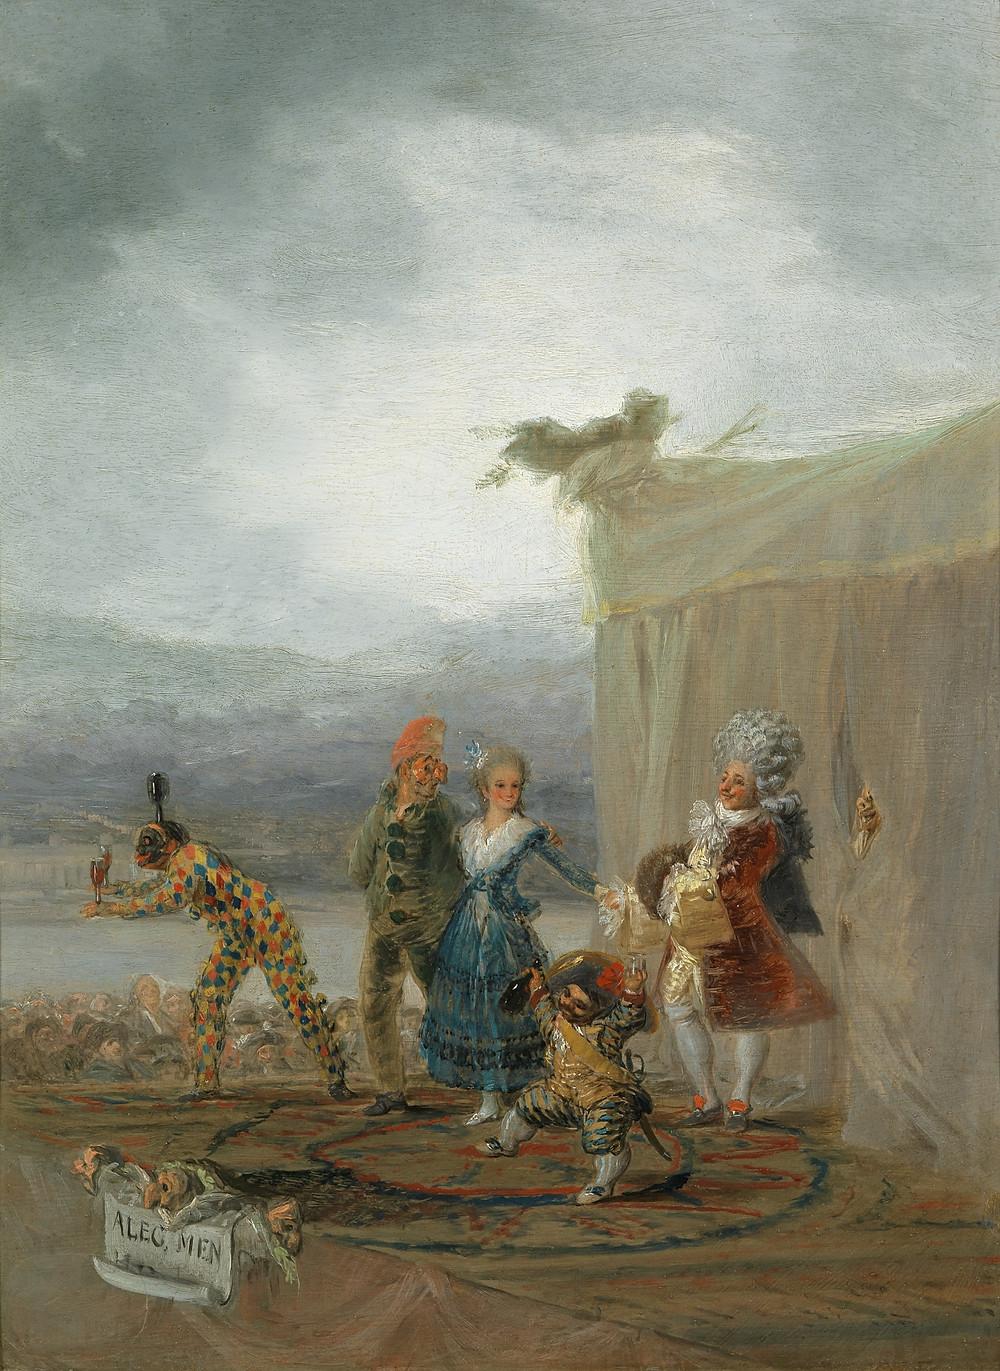 Los cómicos ambulantes. 1793. Francisco de Goya y Lucientes. Museo del Prado